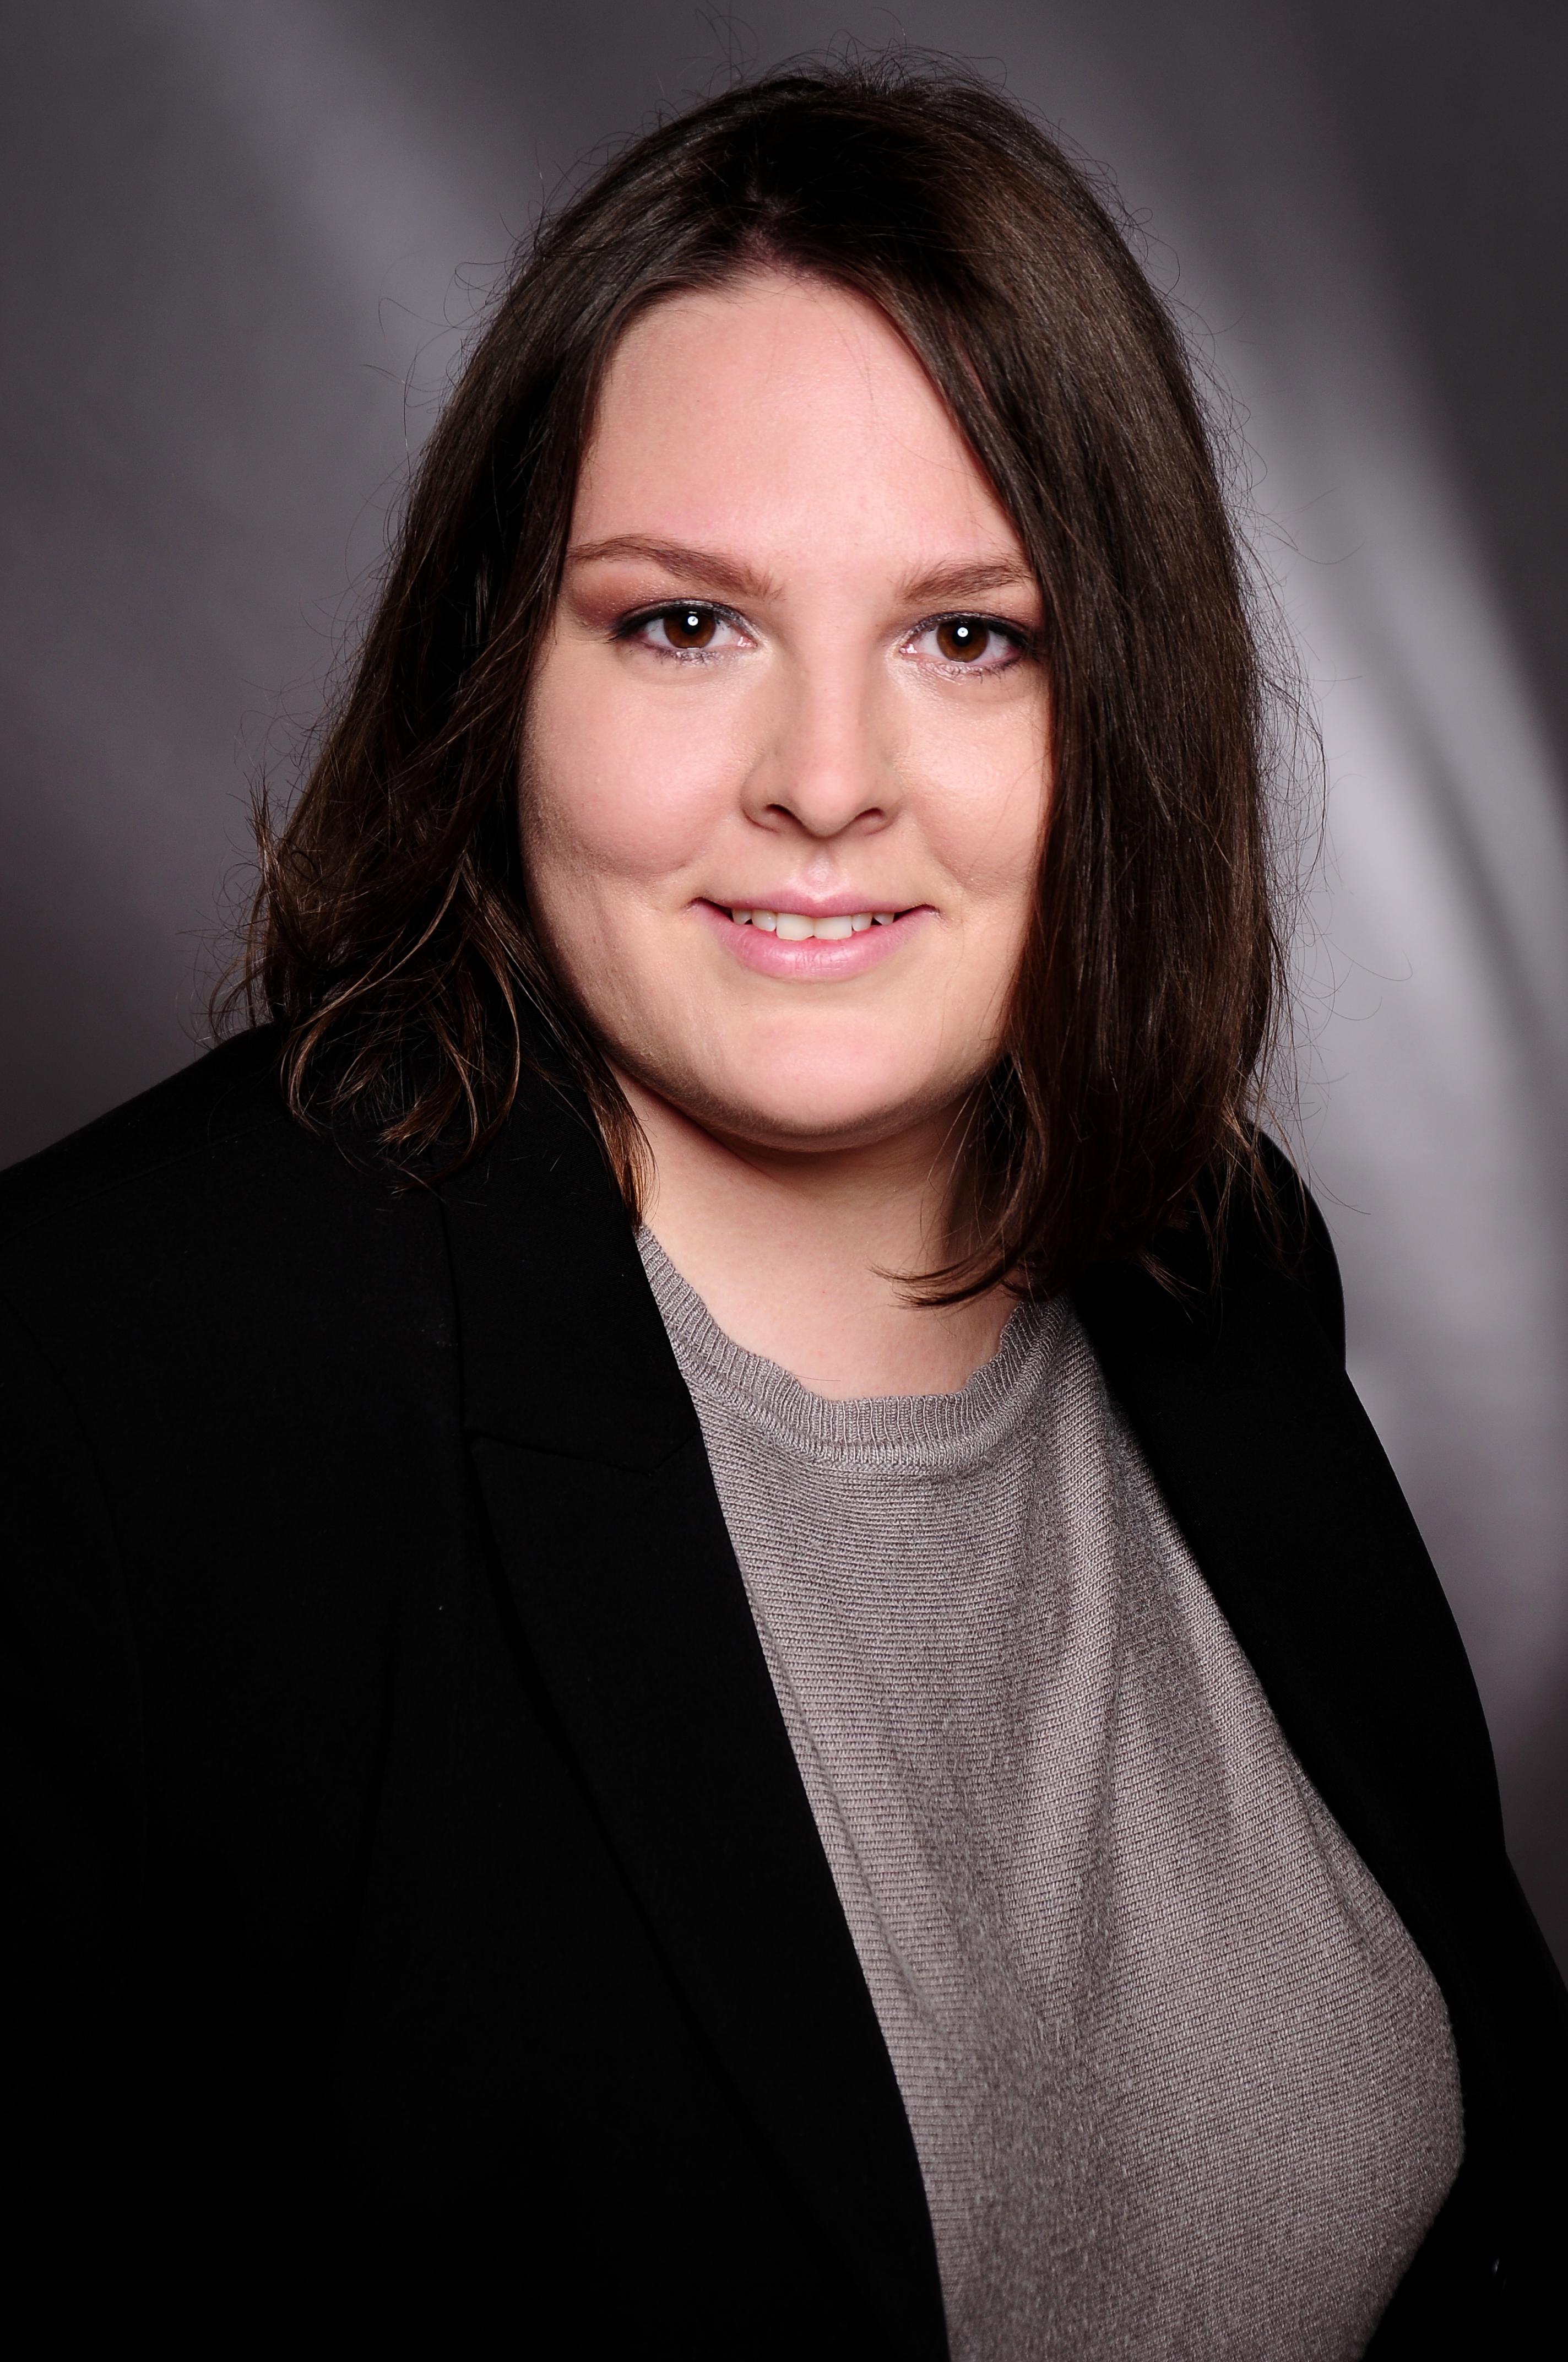 Christine Bürger ist seit Mai 2018 Beraterin der Wohnungslosenhilfe der Diakonie Augsburg in Gersthofen und Neusäß.